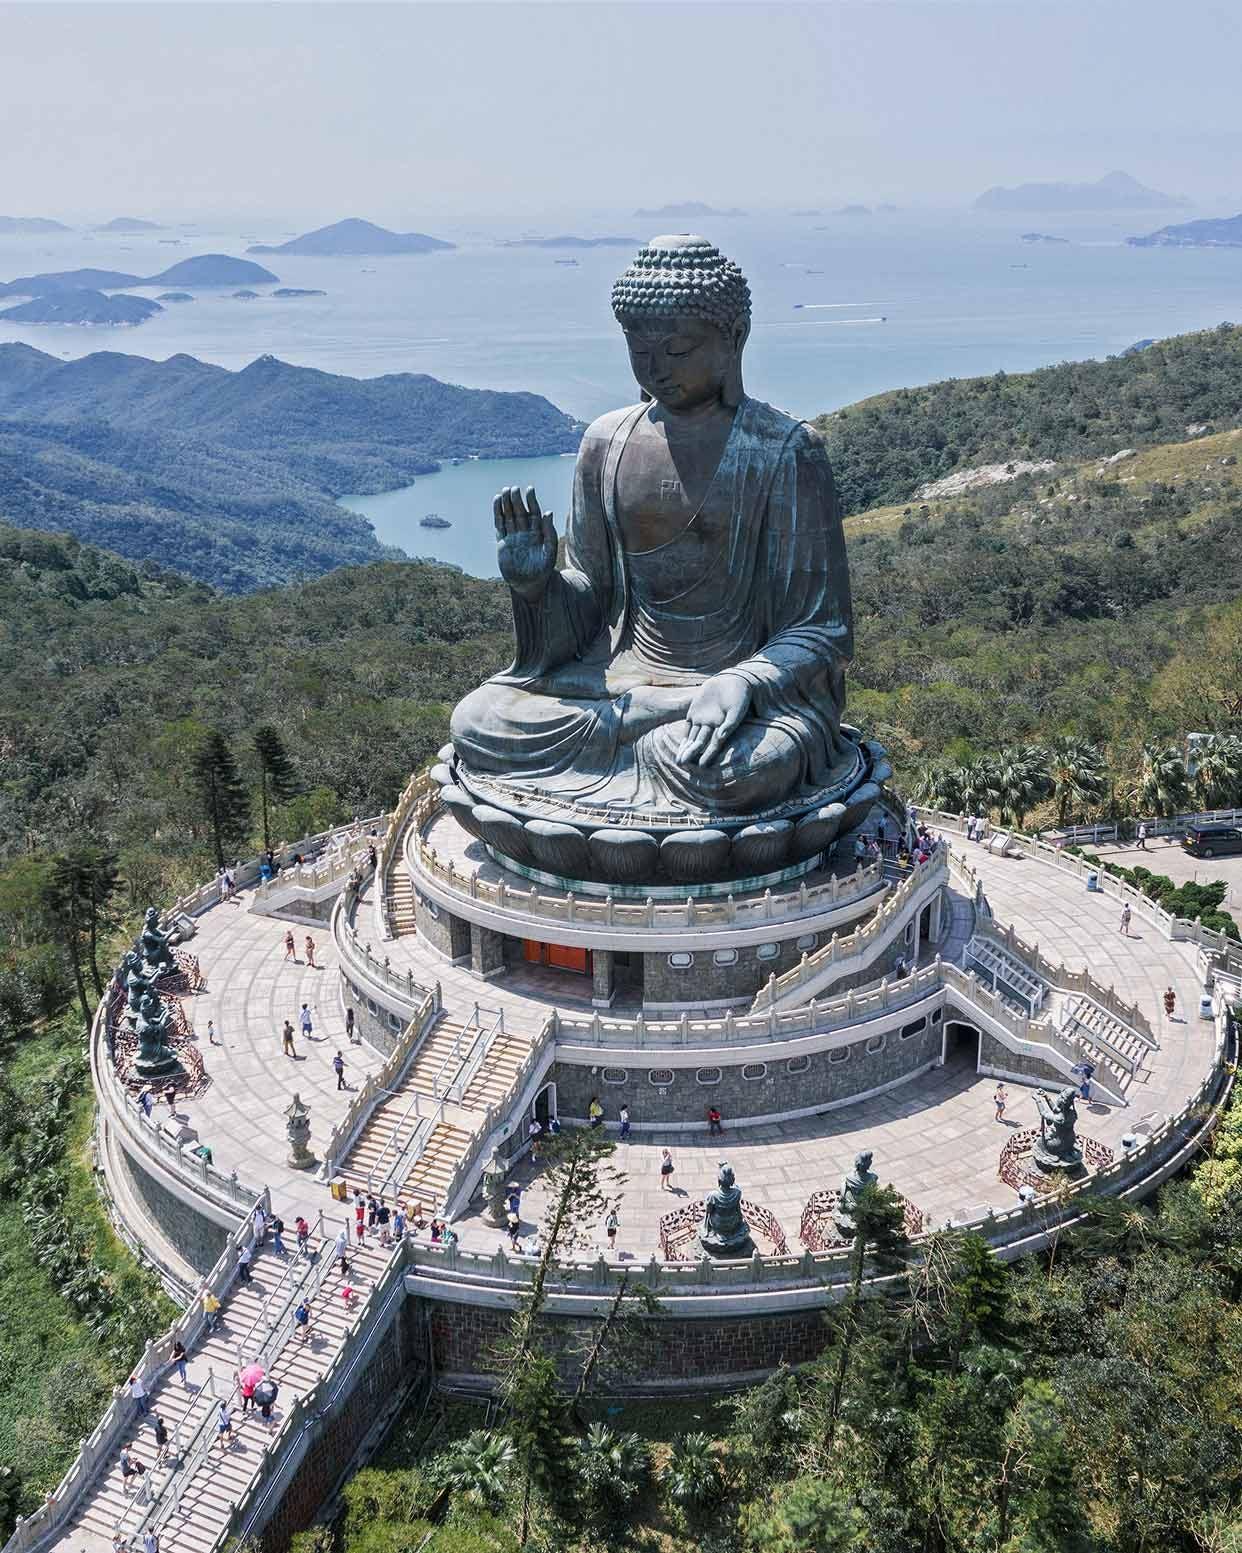 Tin Tan Buddha (Big Buddha) & South China Sea from Ngong Ping Piazza